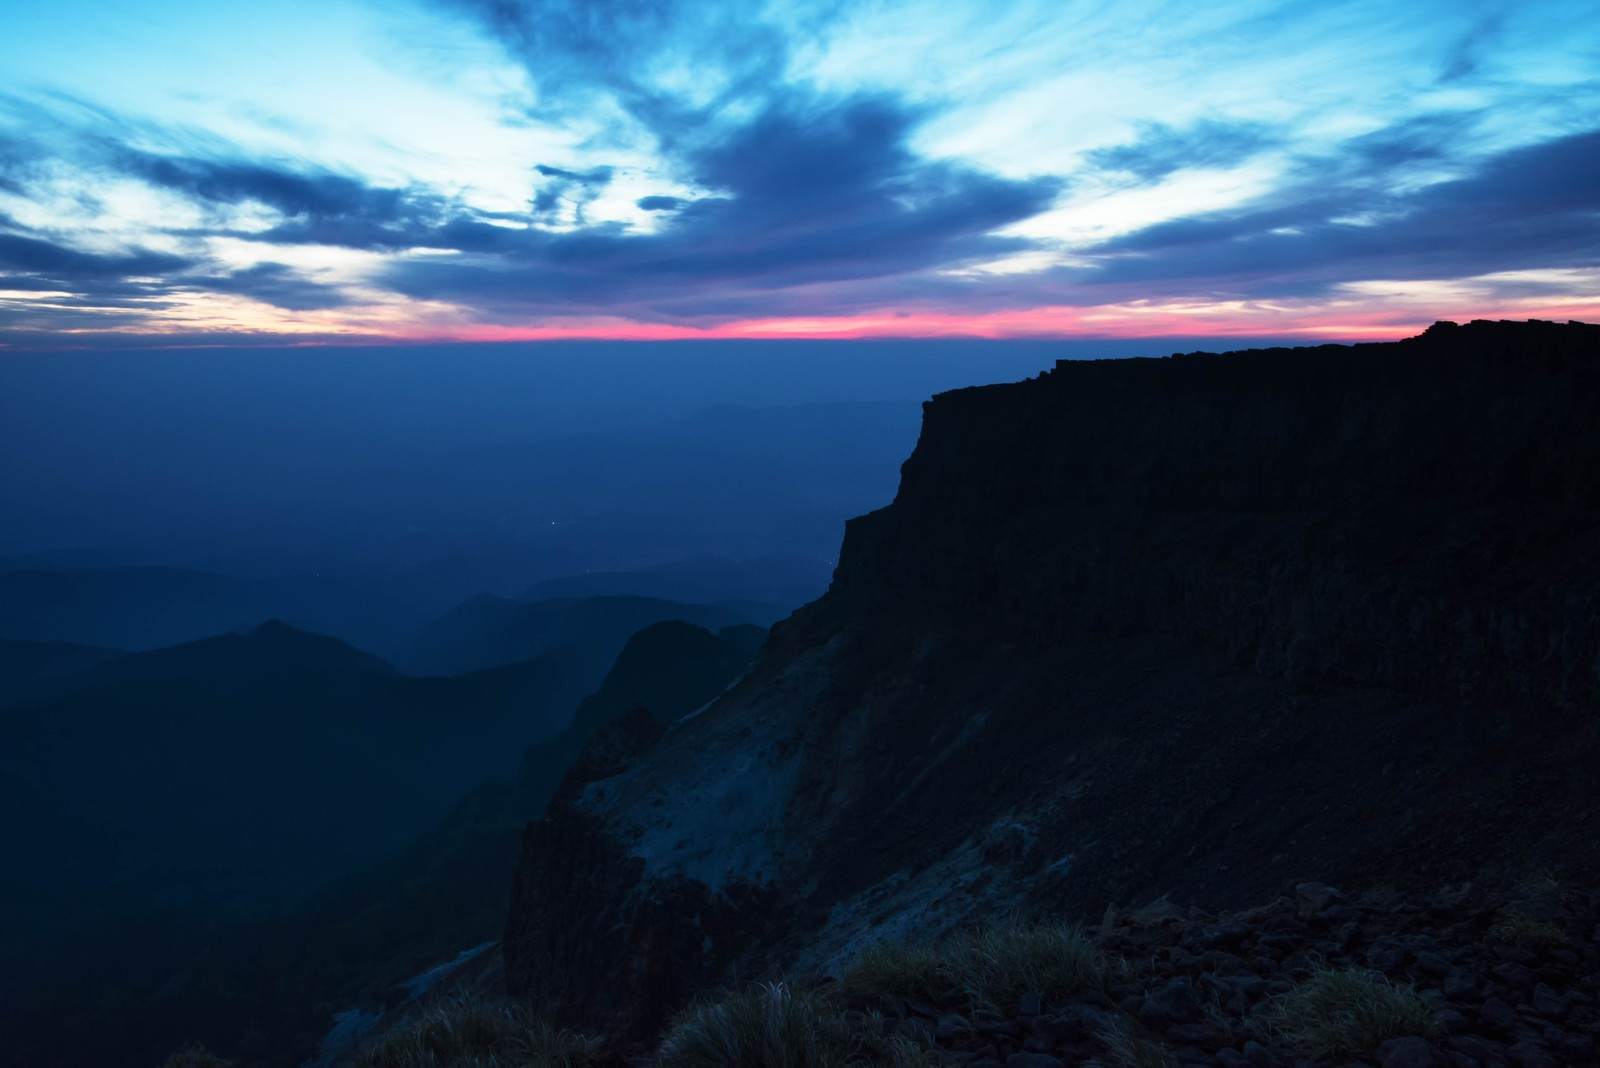 「静寂に包まれた夜明け前の硫黄岳」の写真